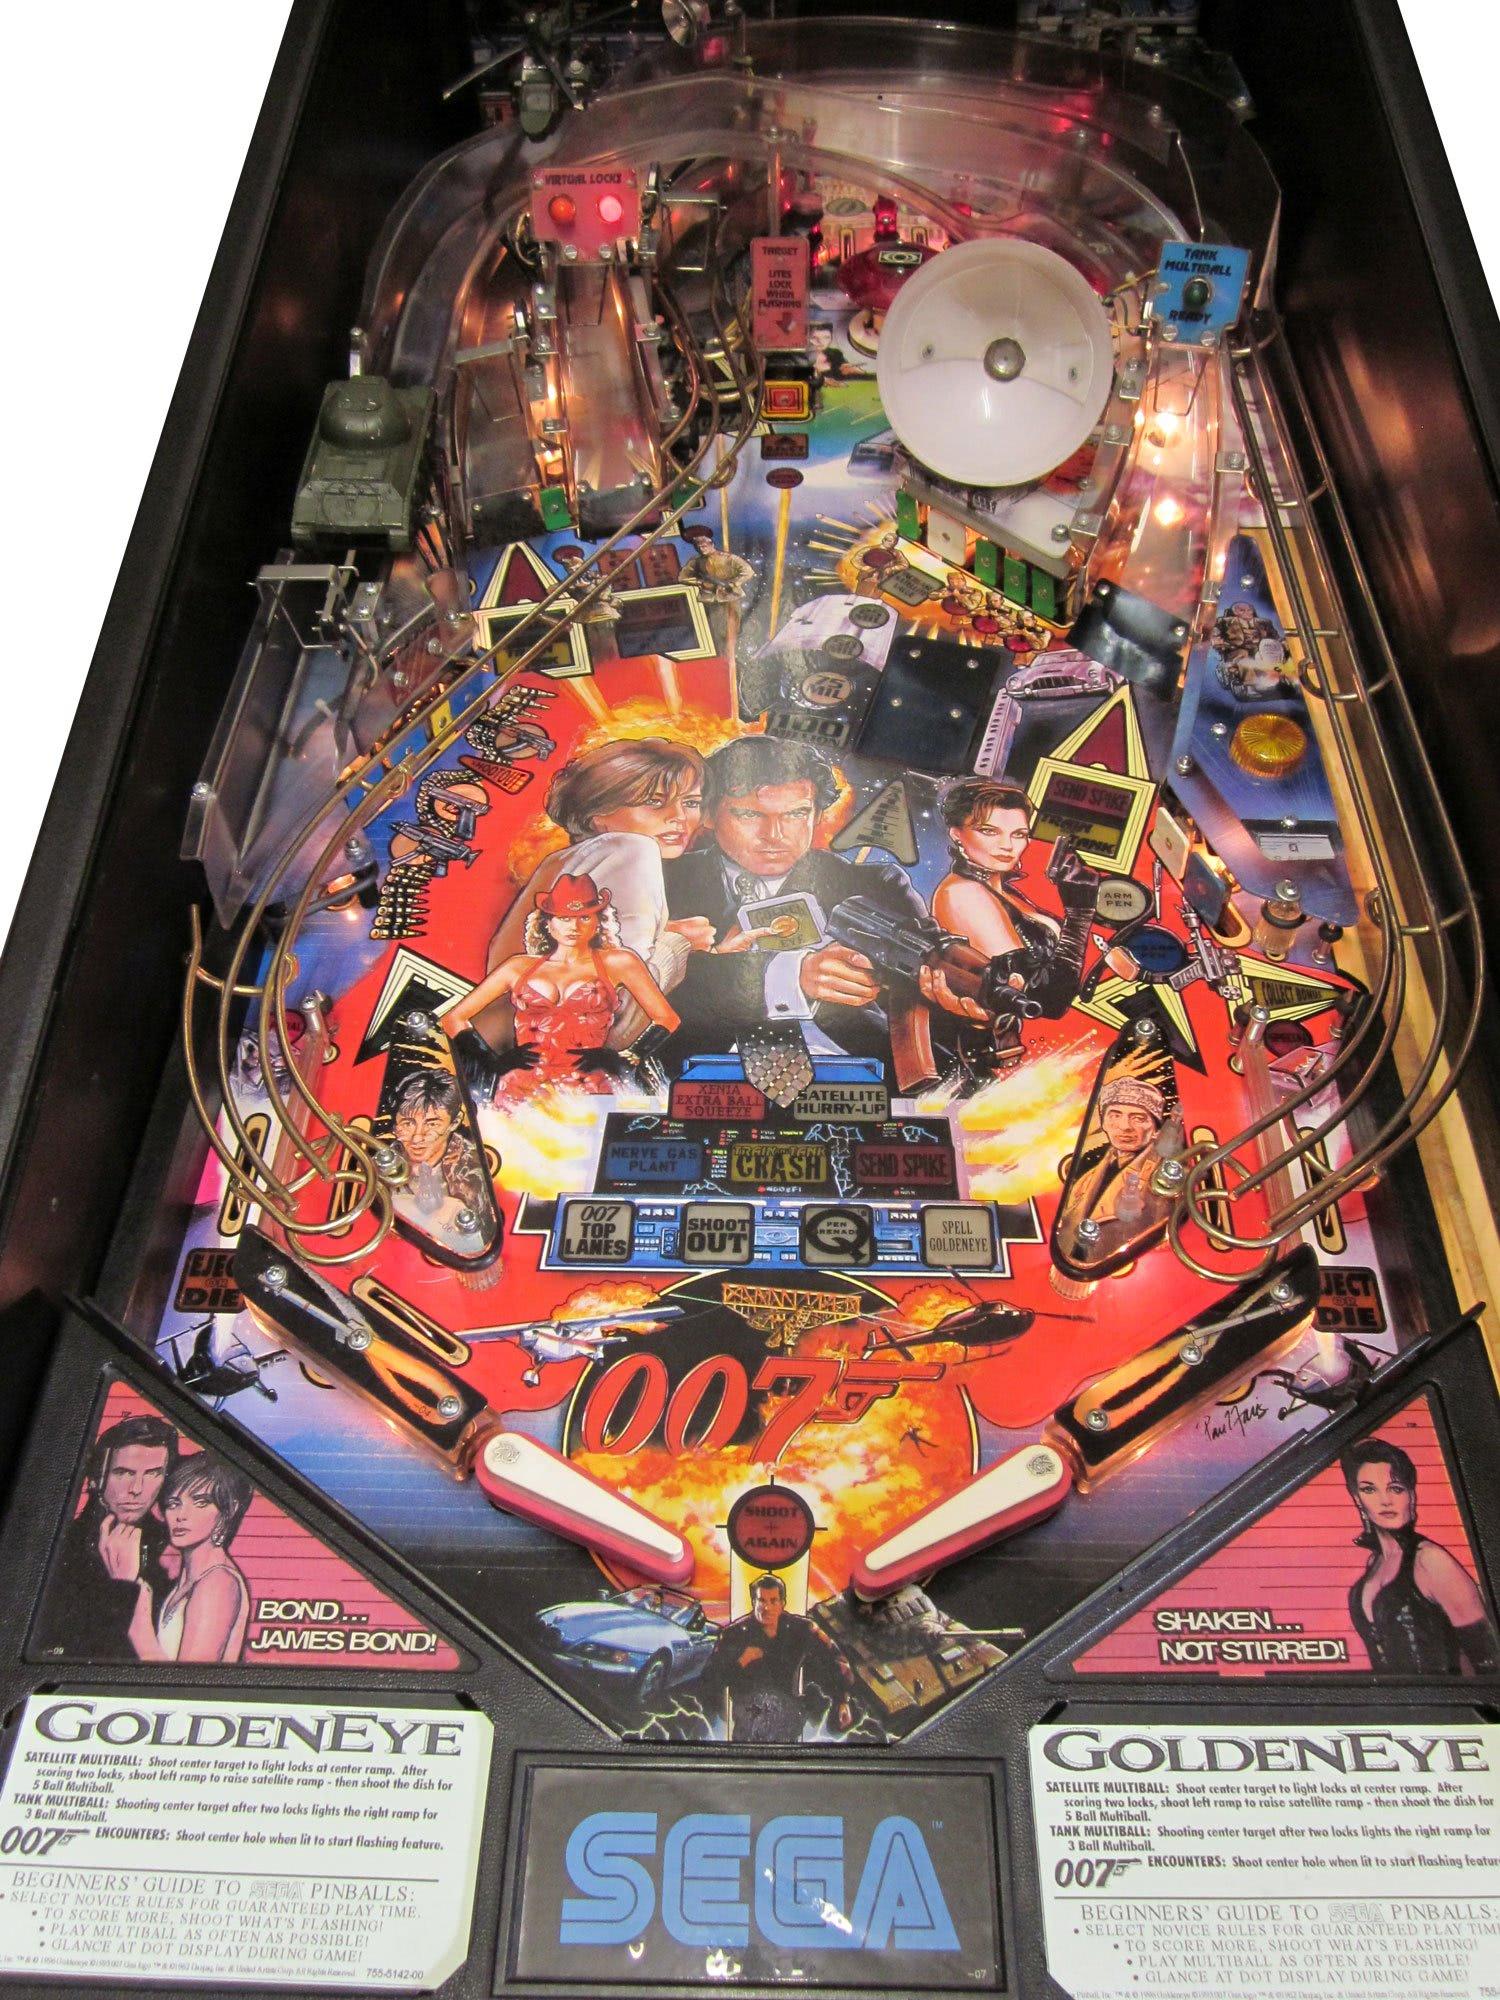 Goldeneye Pinball Machine Liberty Games